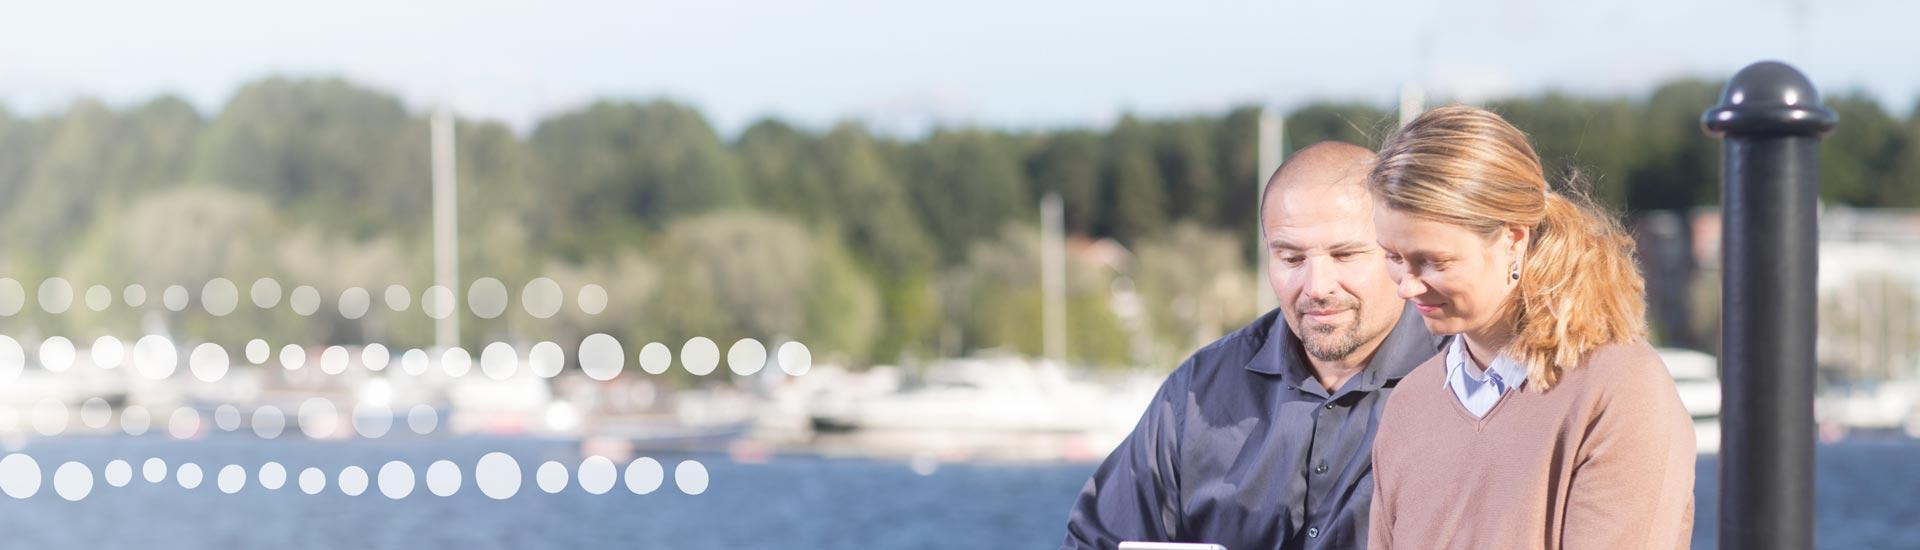 Avustusten haku - Suodenniemen Säästöpankkisäätio